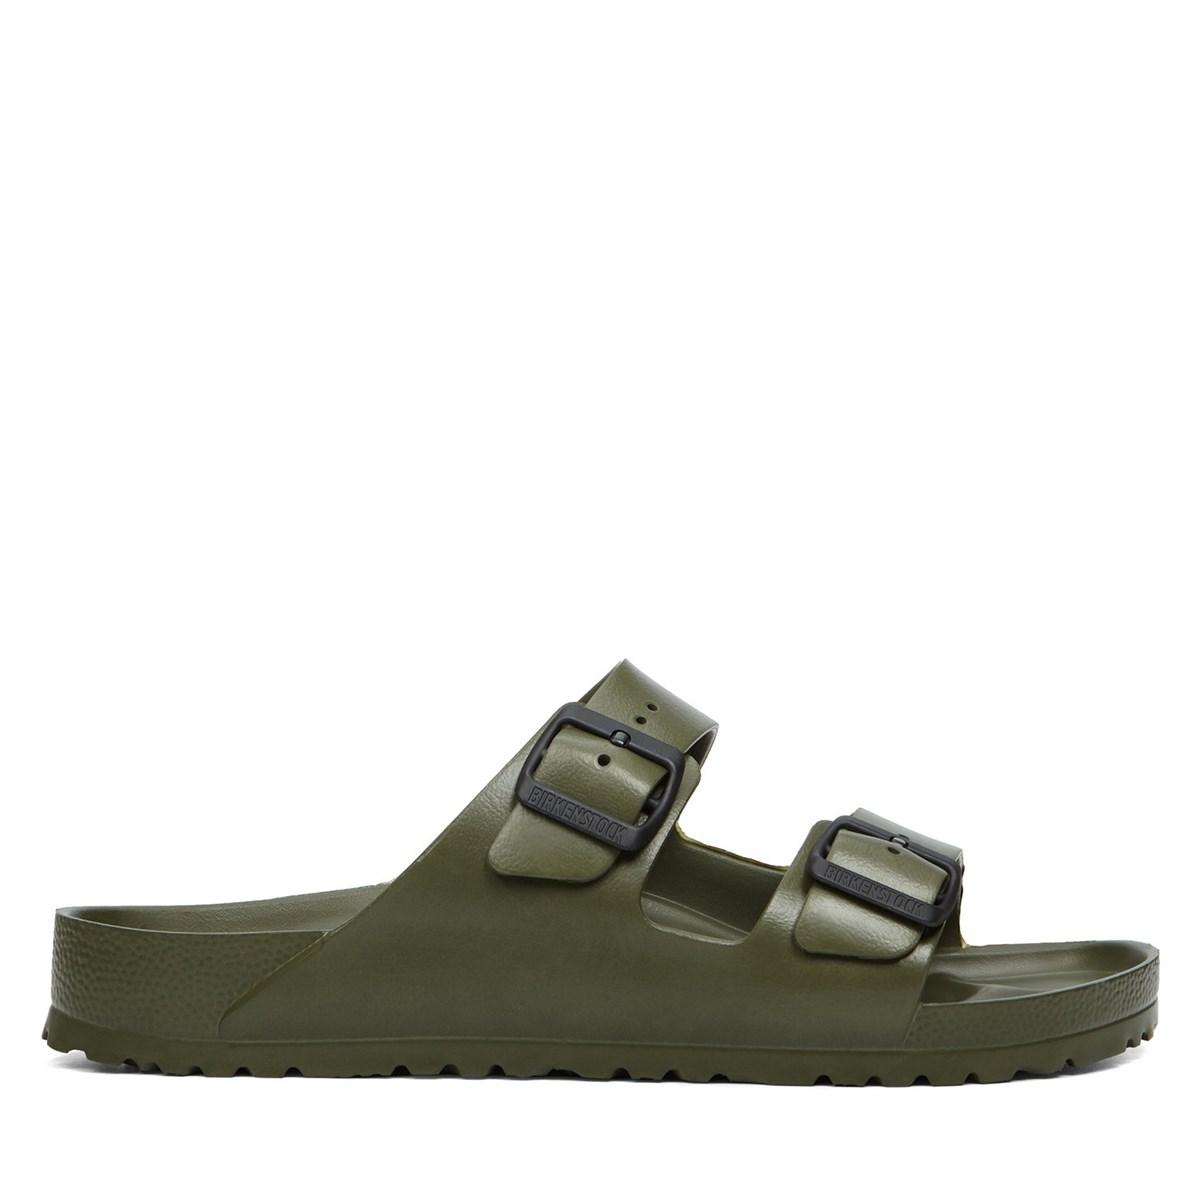 Sandales EVA Arizona kaki pour hommes